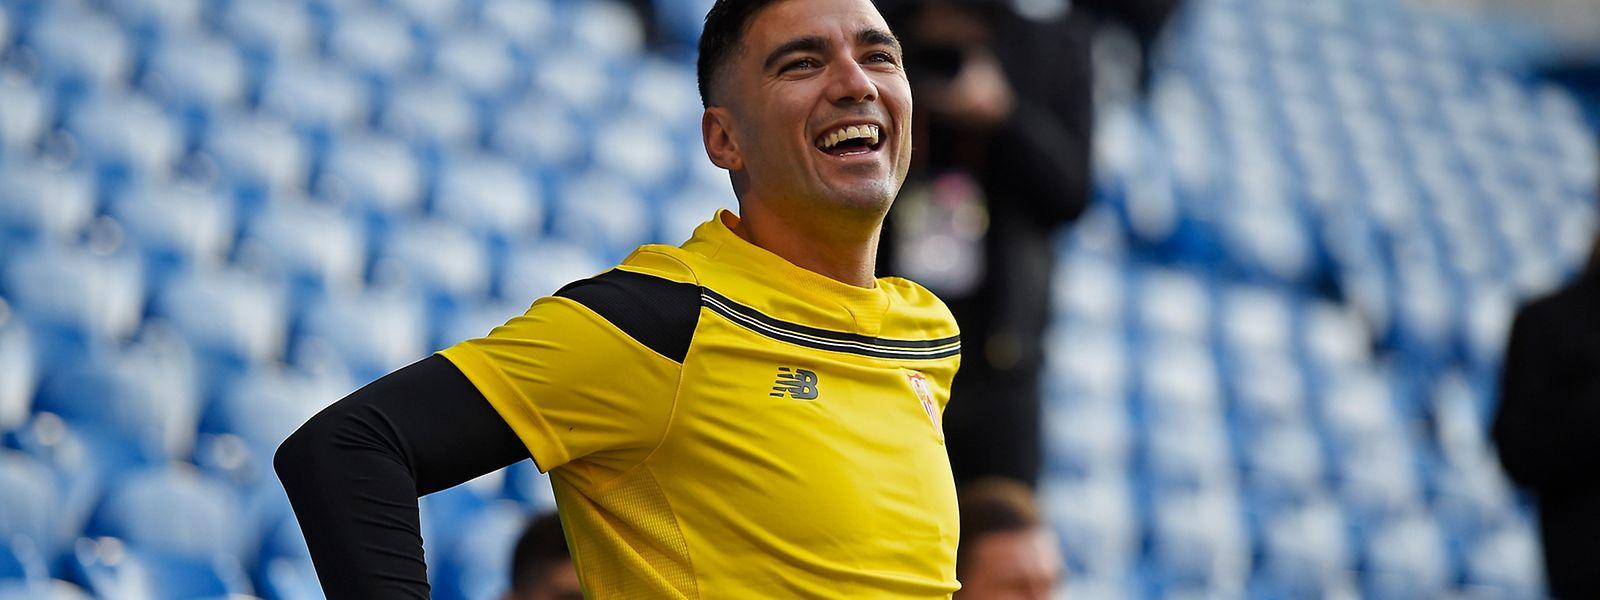 Hat José Antonio Reyes vom FC  Sevilla auch nach dem Finale noch gut lachen?